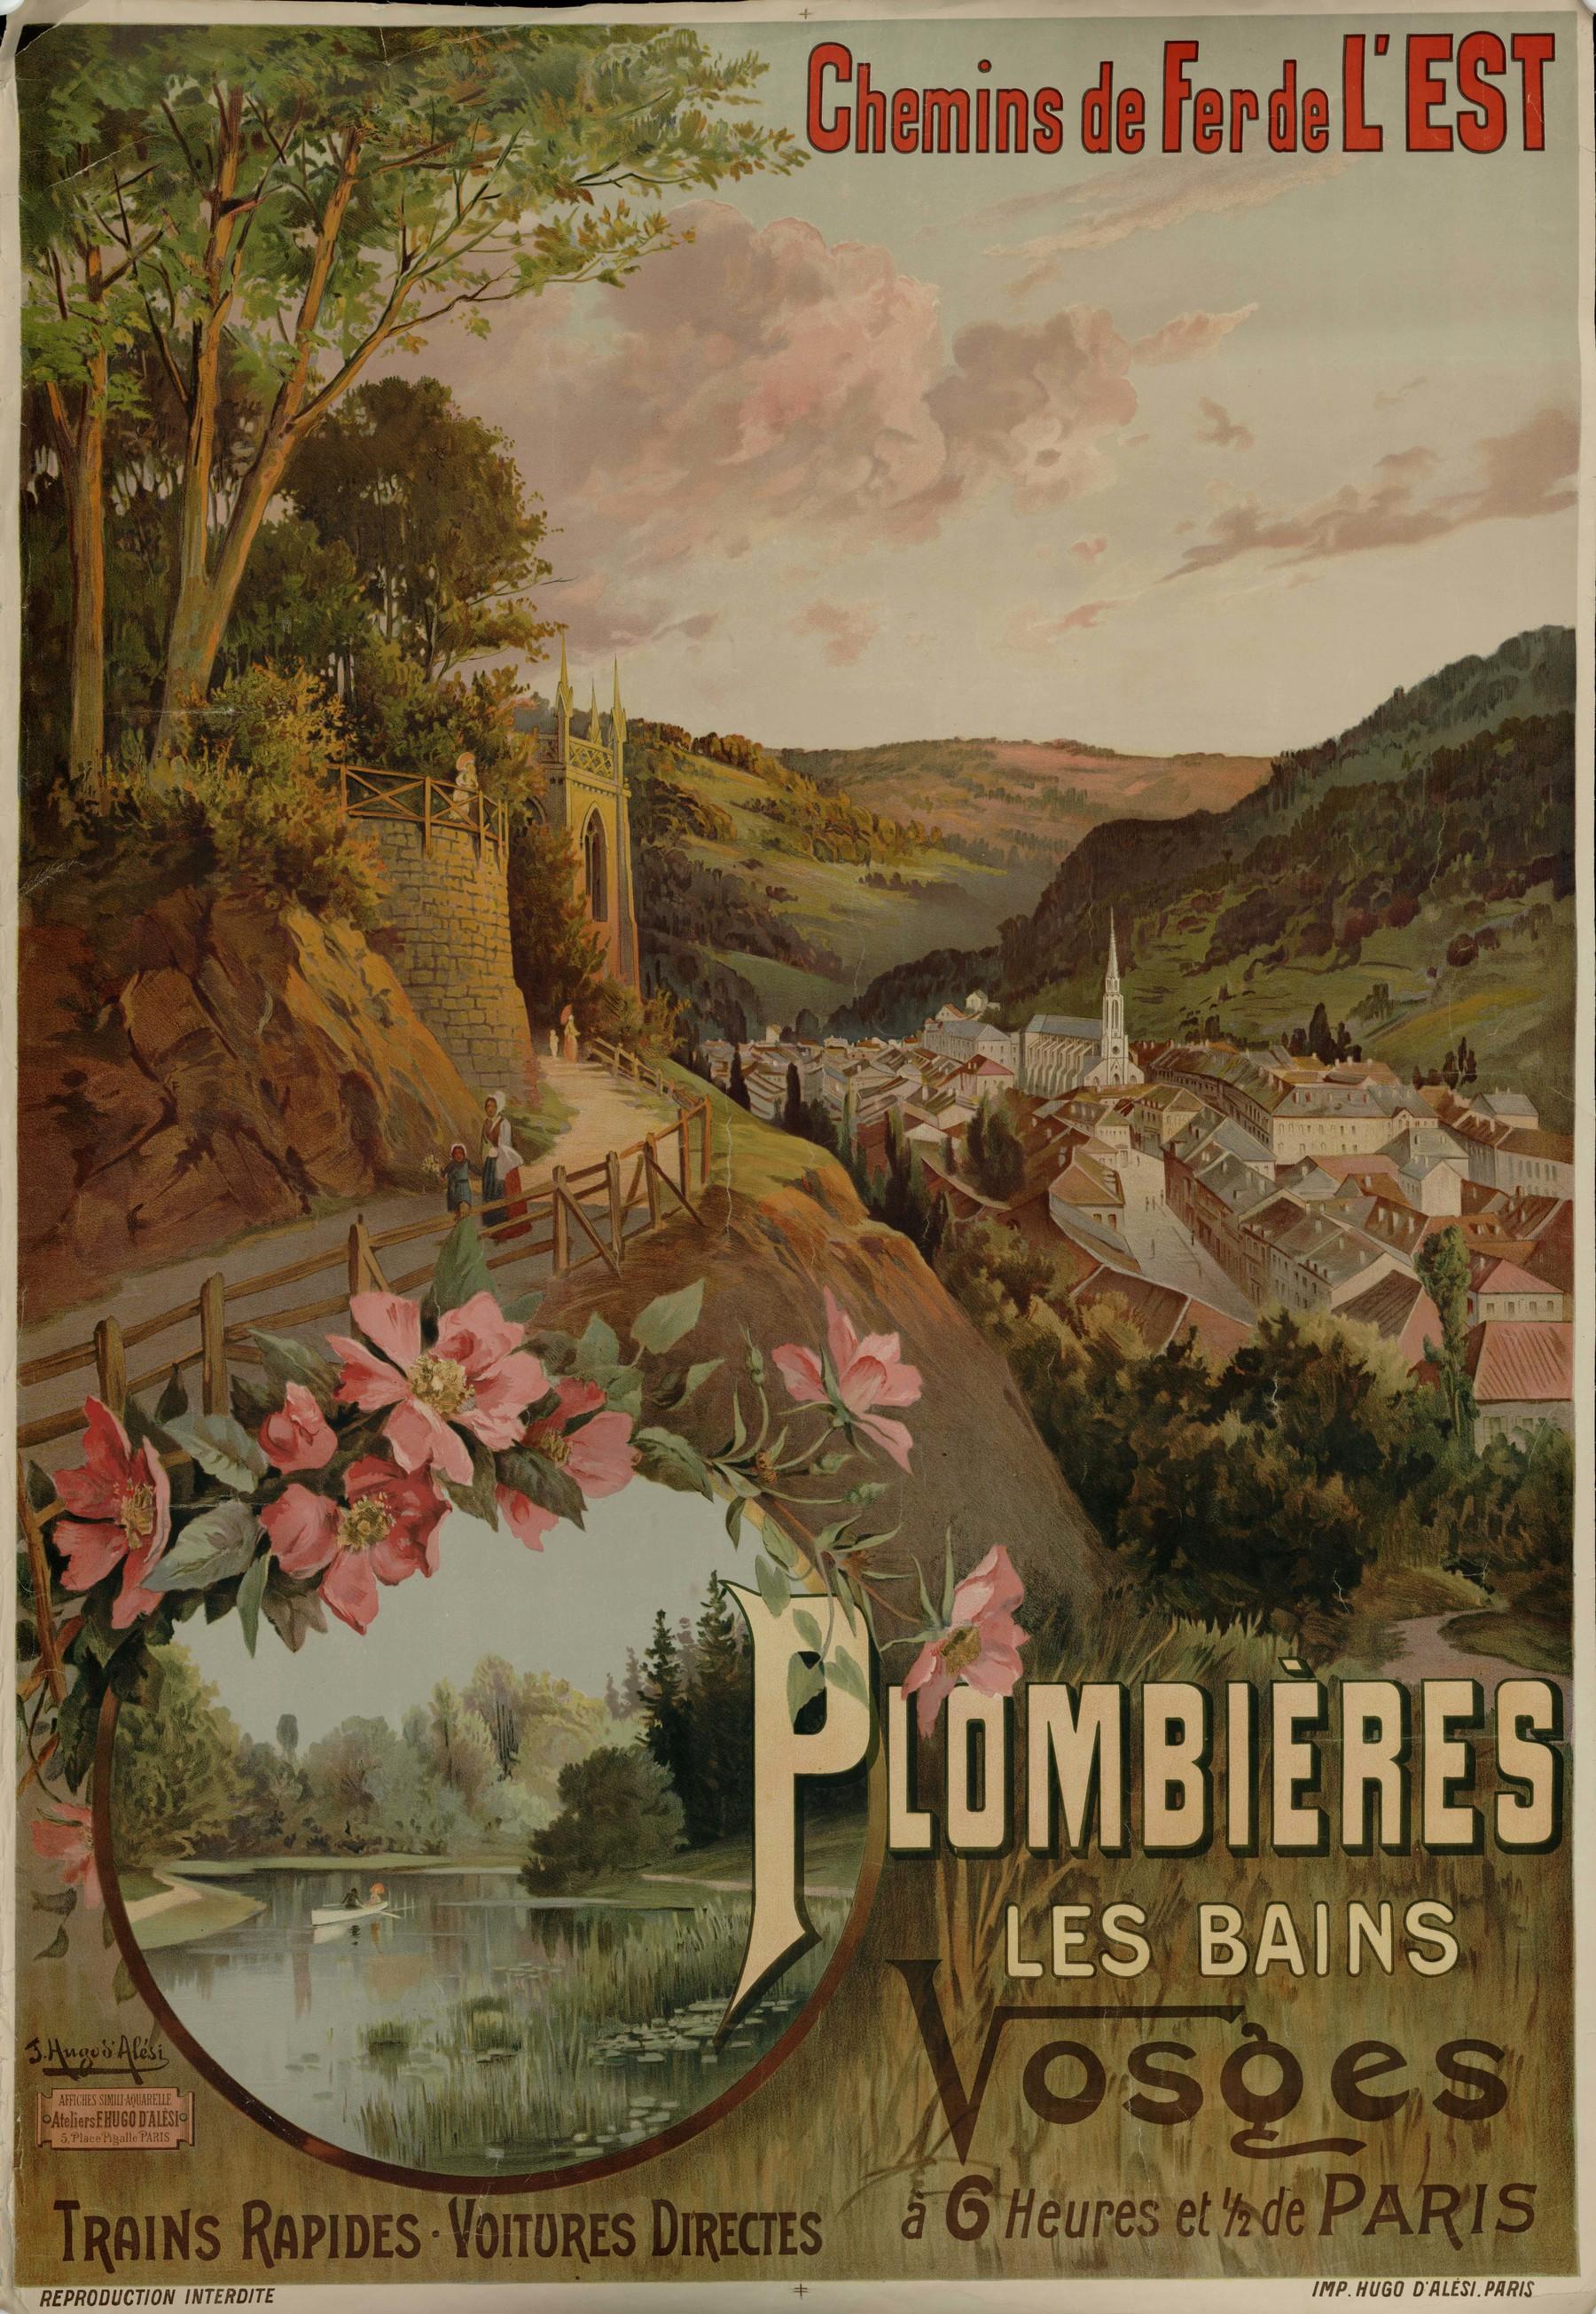 Contenu du Chemins de fer de l'Est : Plombières les Bains. Vosges. Trains rapides, voitures directes à 6 heures et 1/2 de Paris